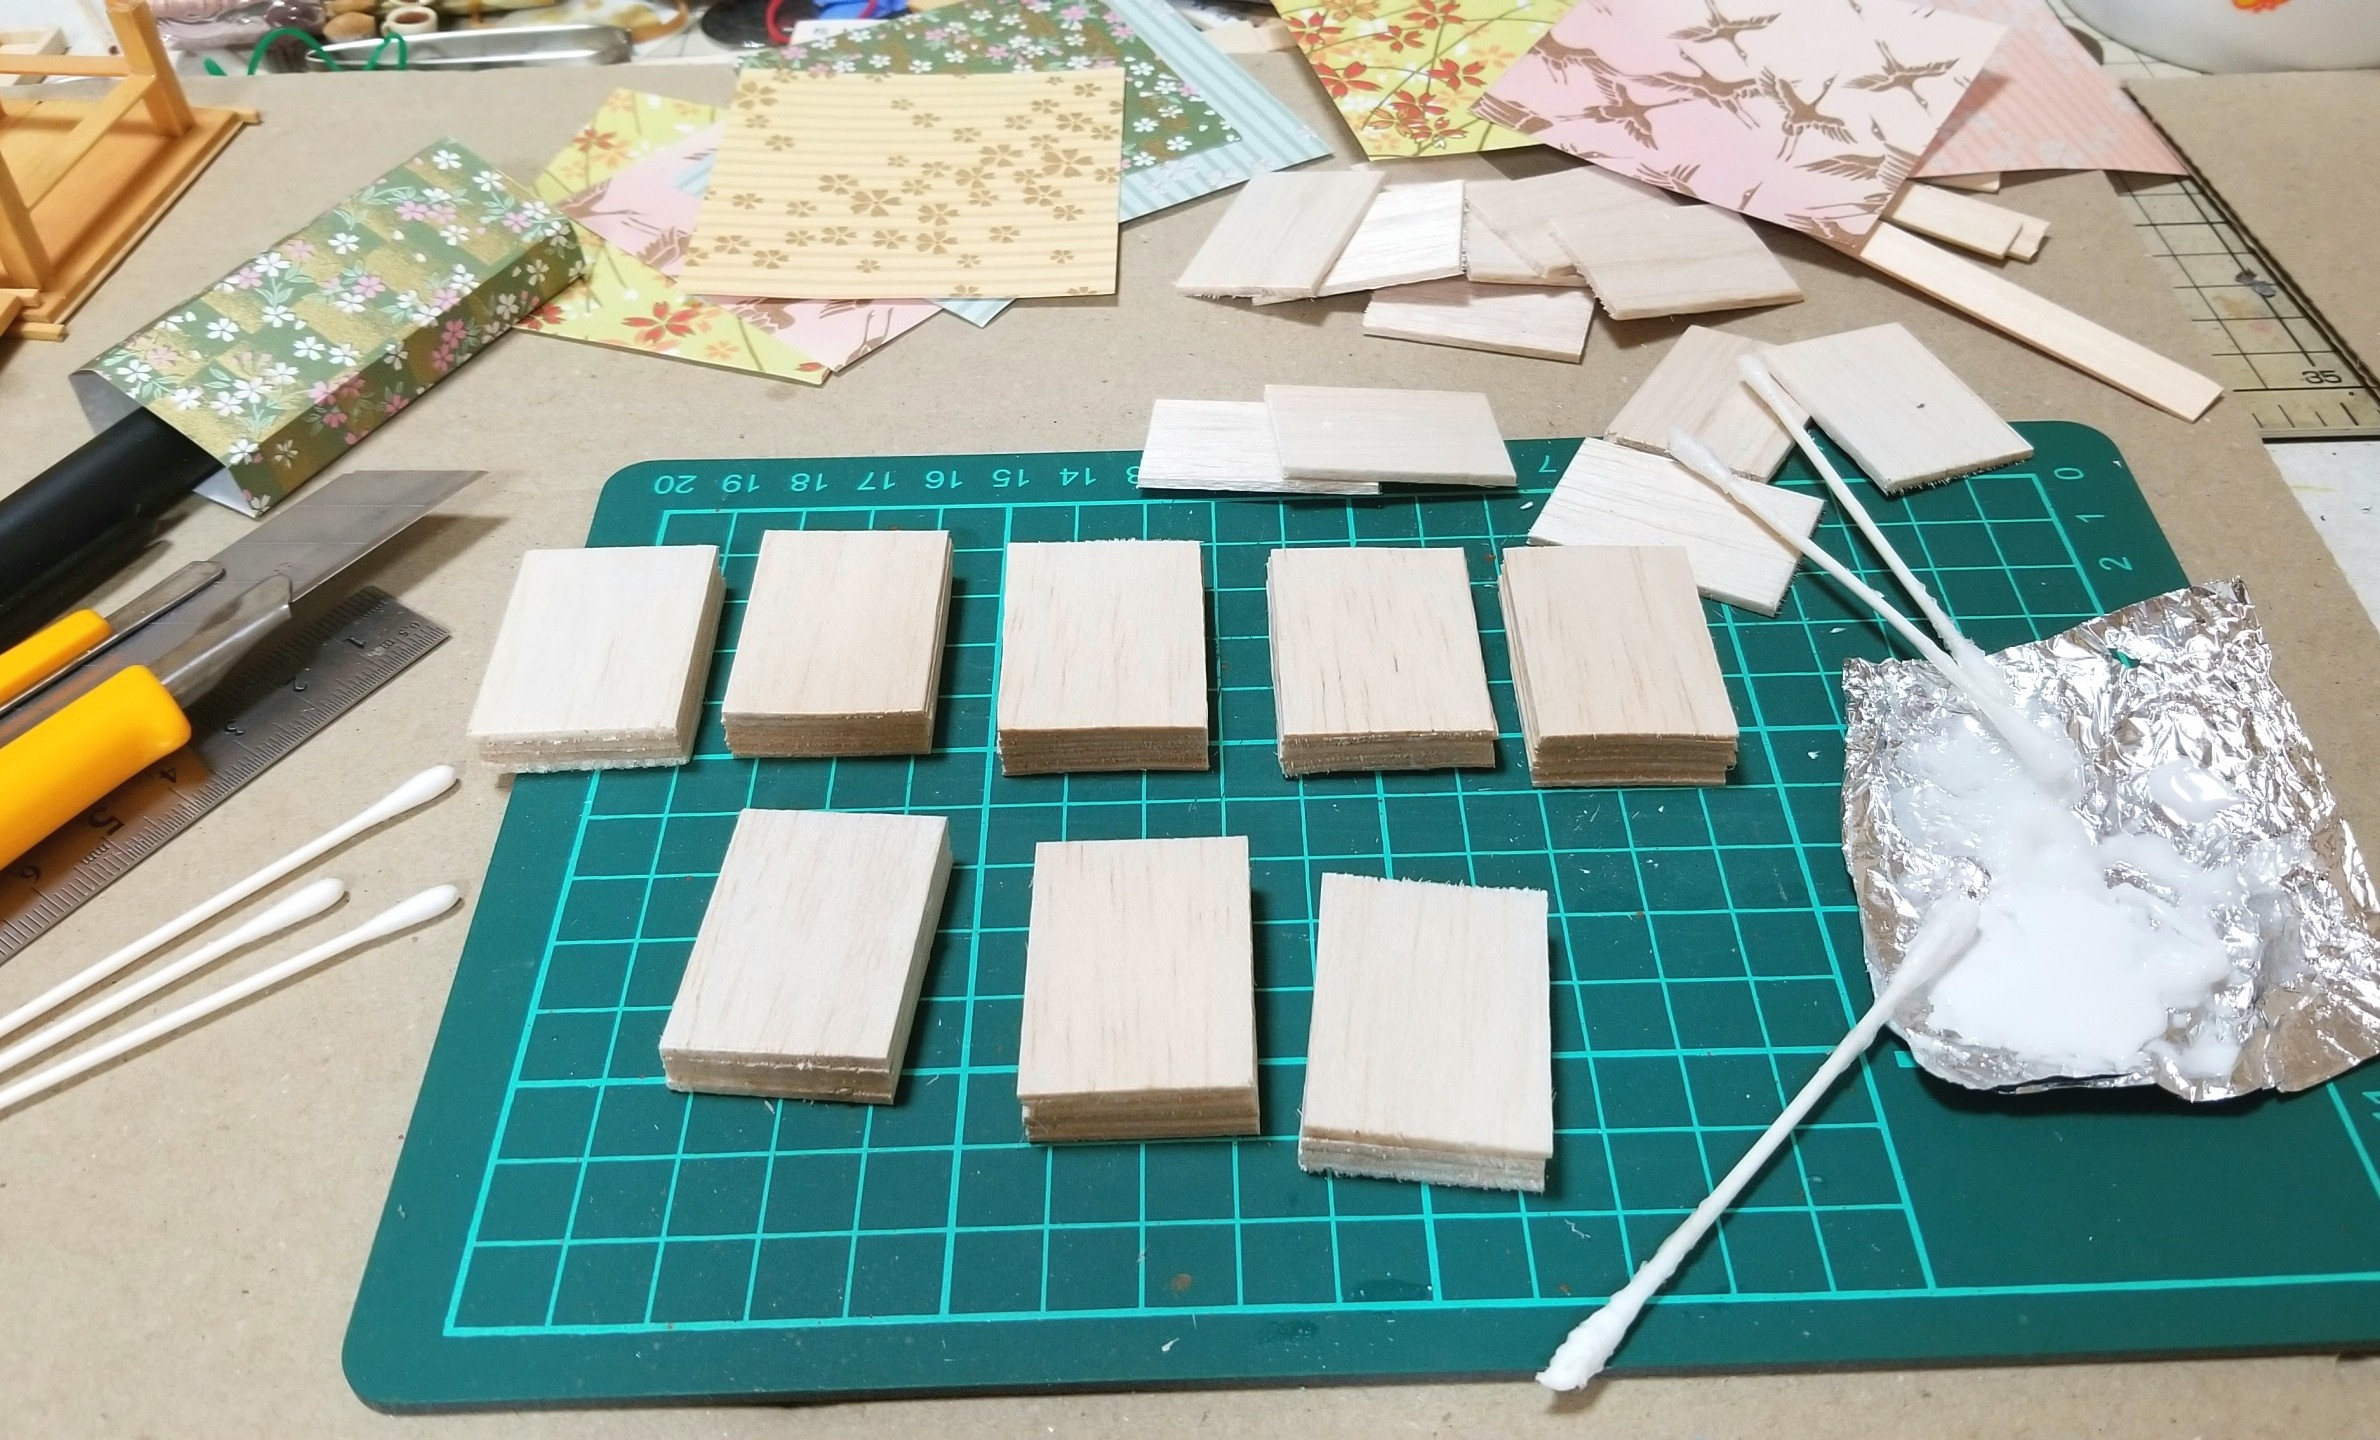 ミニチュア,菓子箱,和菓子屋,千代紙,折,バルサ,作り方,ドールハウス